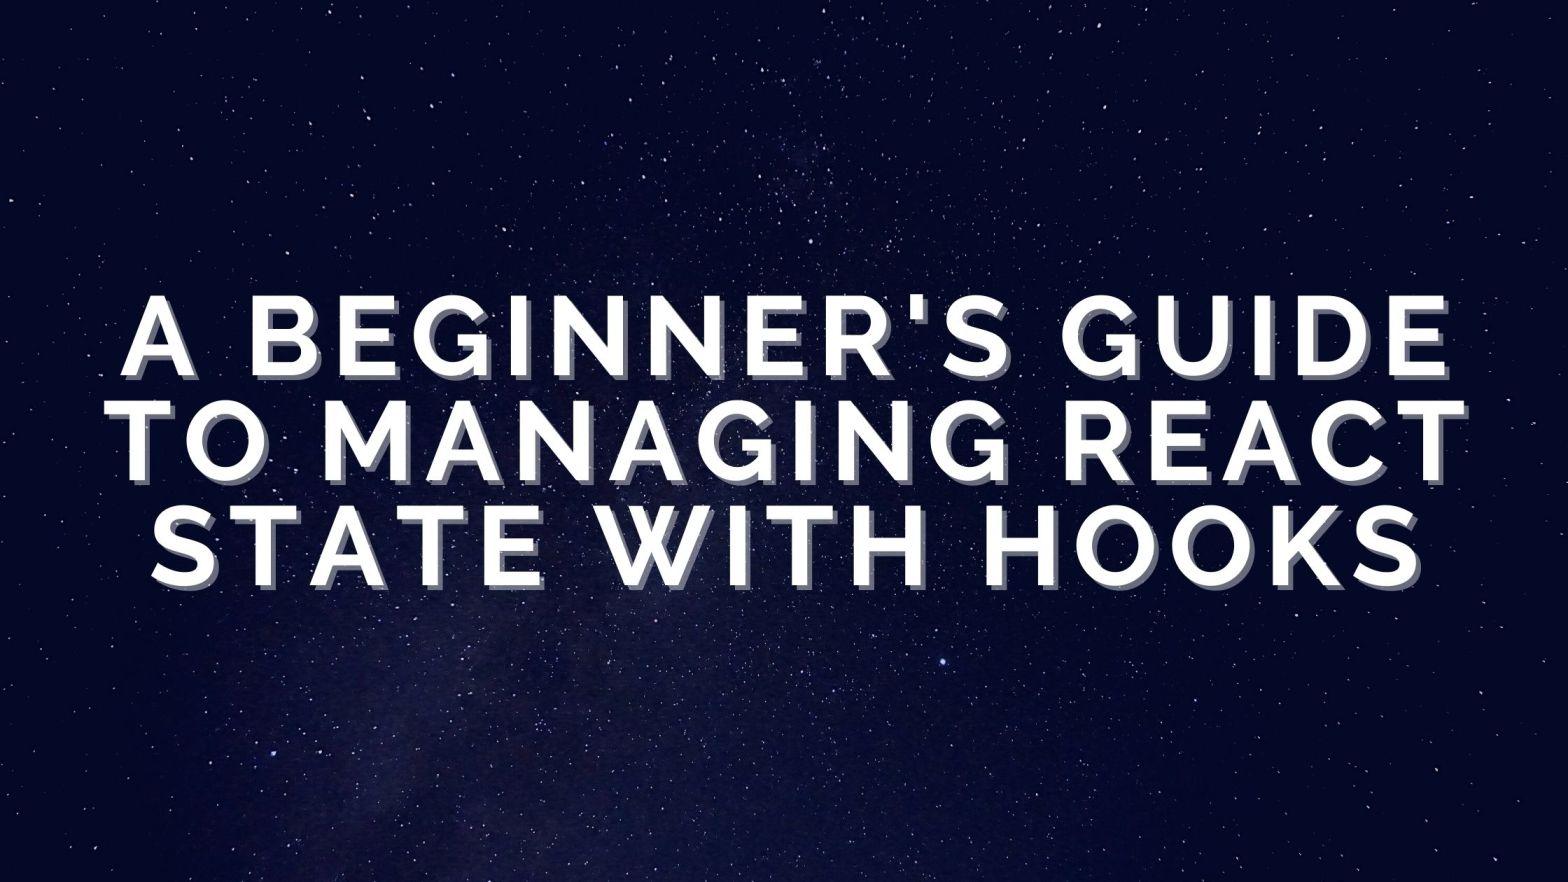 managing-react-state-hooks